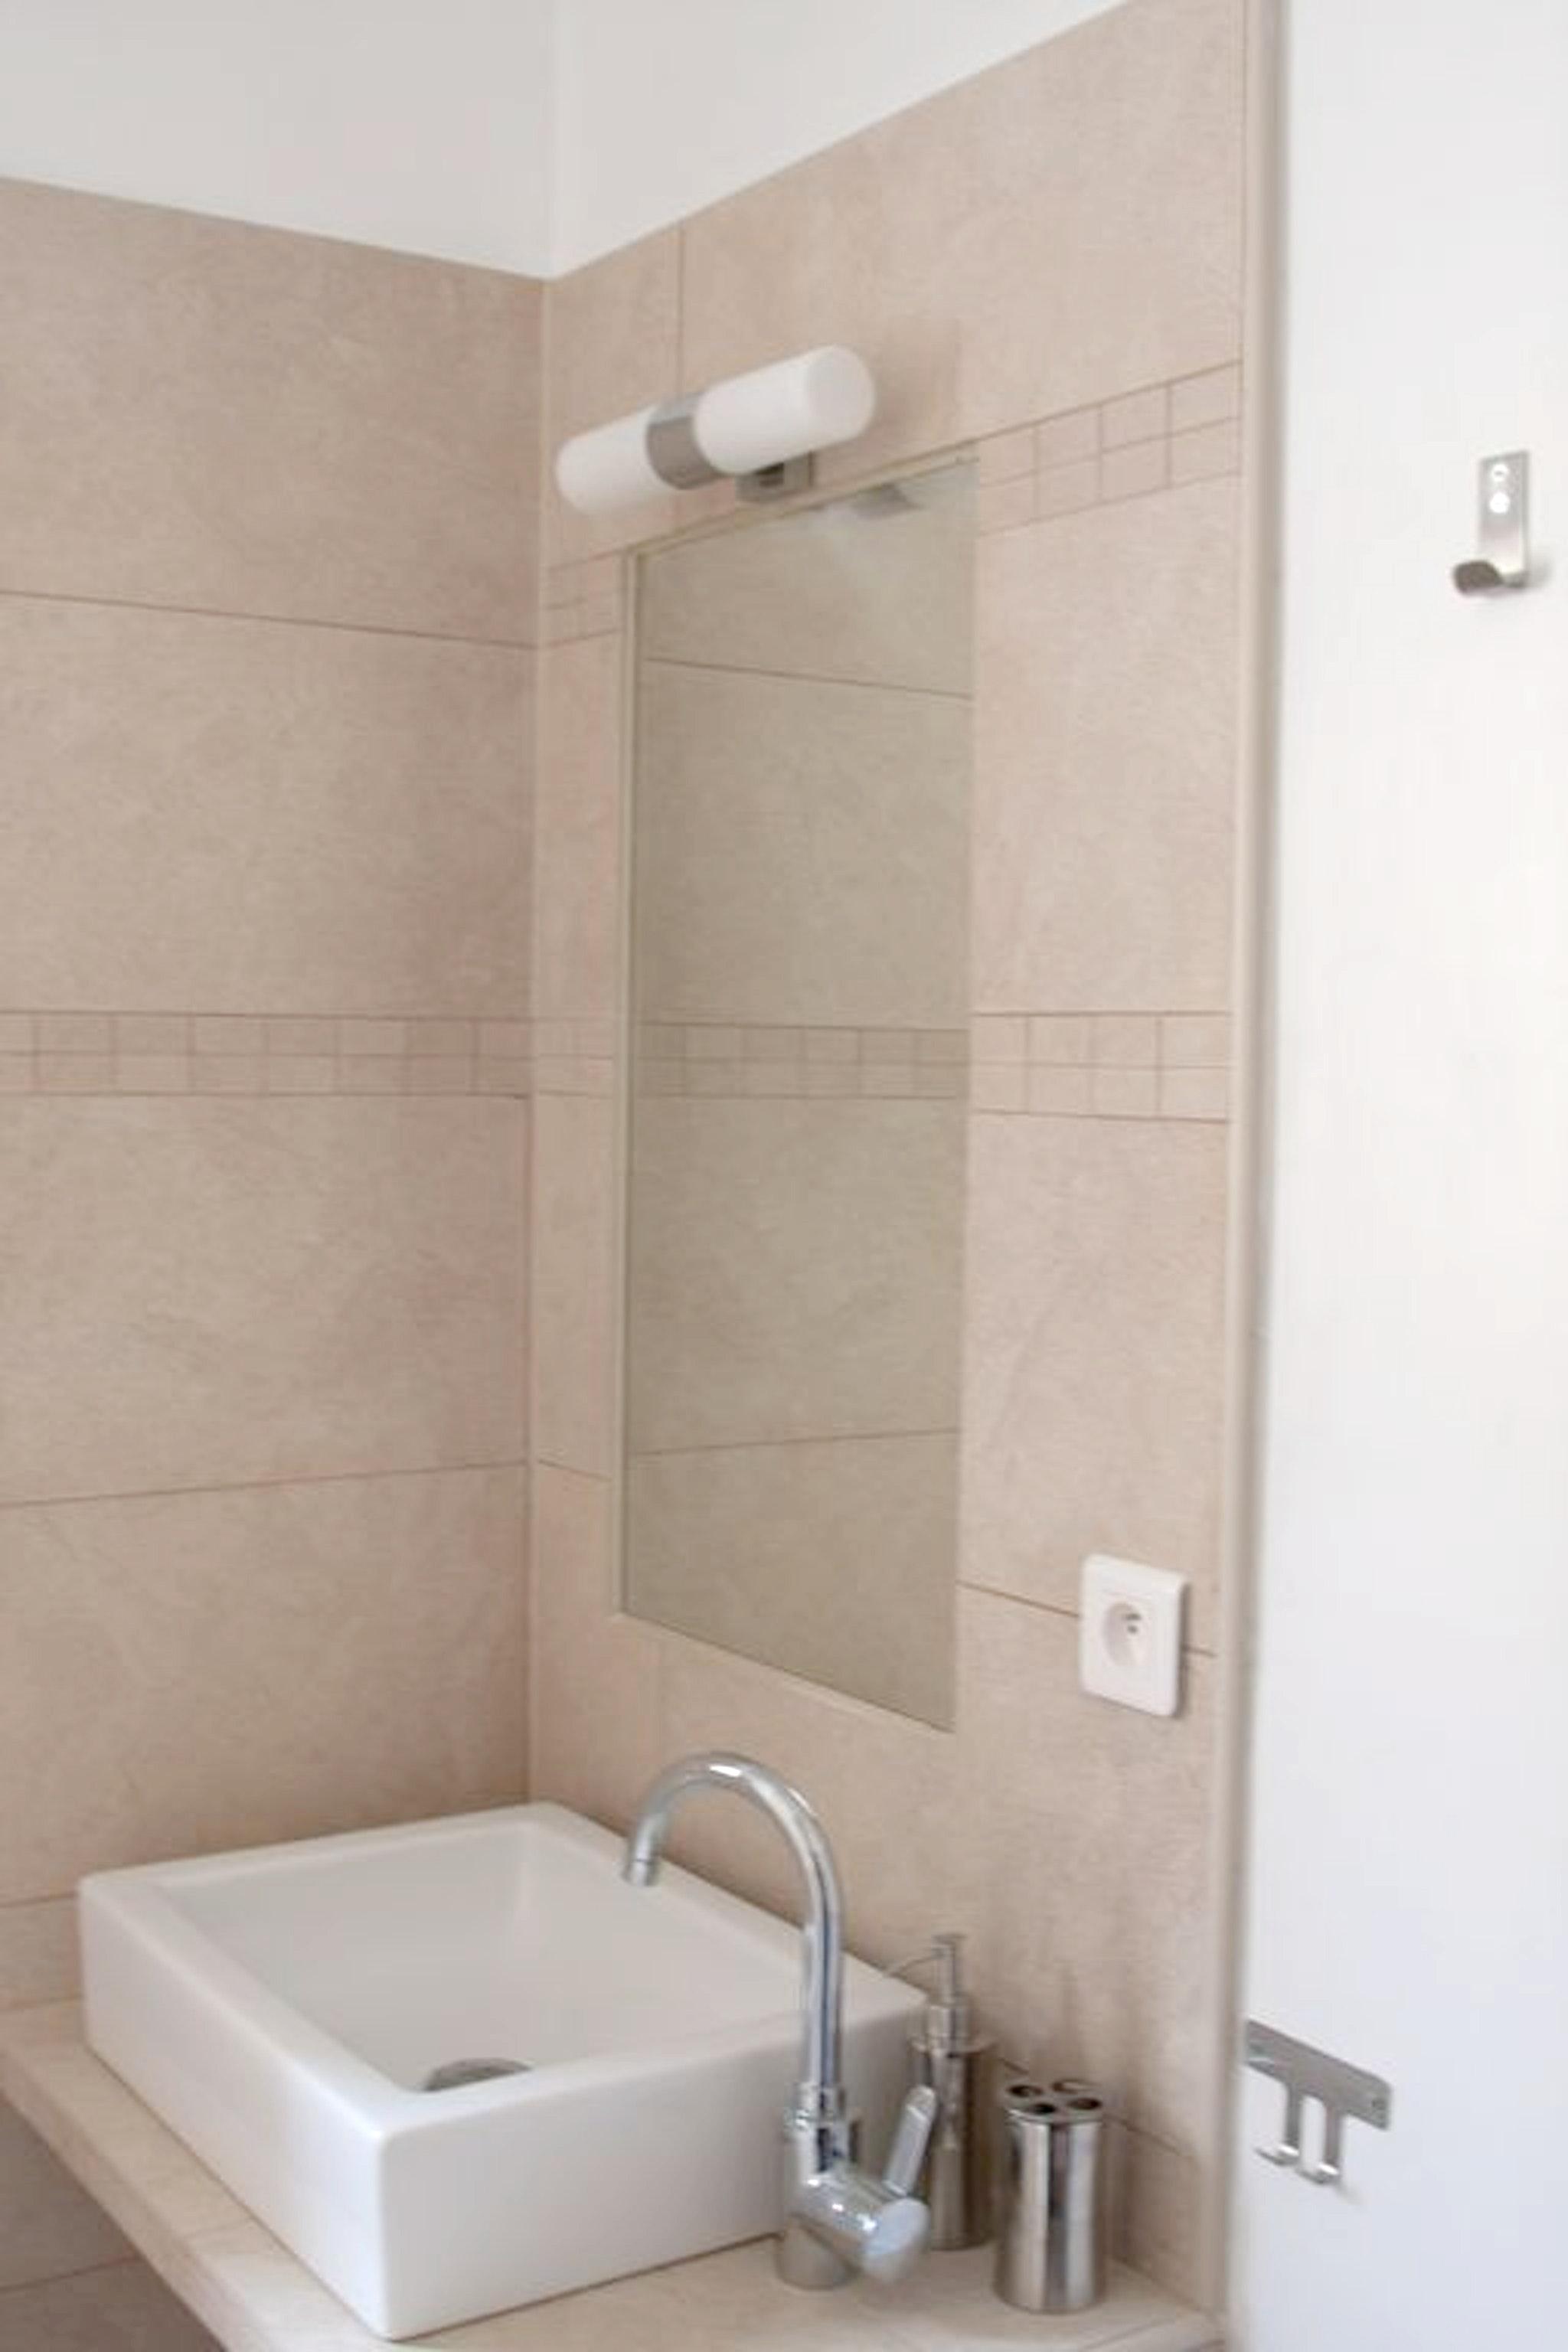 Ferienhaus Haus mit 3 Schlafzimmern in Lumio mit herrlichem Meerblick, eingezäuntem Garten und W-LAN  (2567720), Lumio, Nordkorsika, Korsika, Frankreich, Bild 10